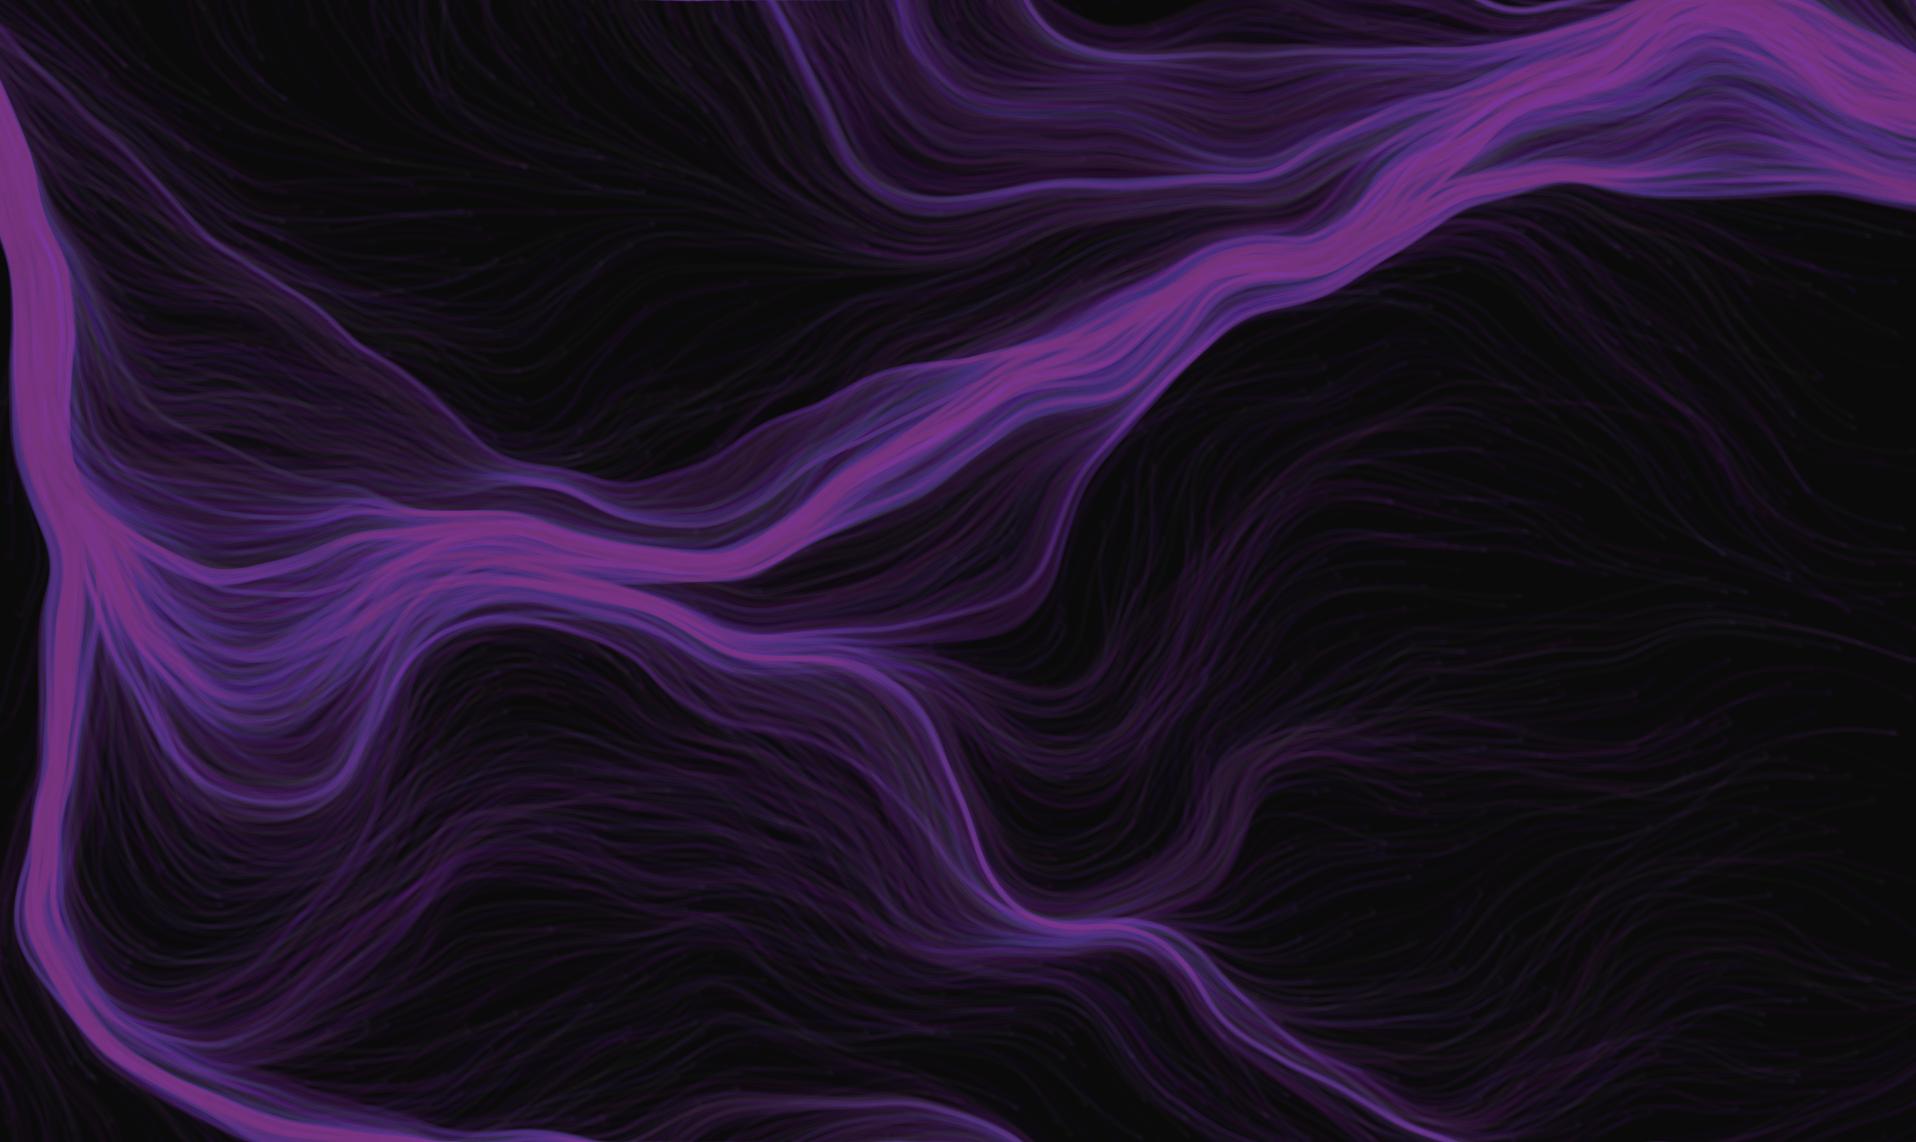 opaque, calm, flowy lines